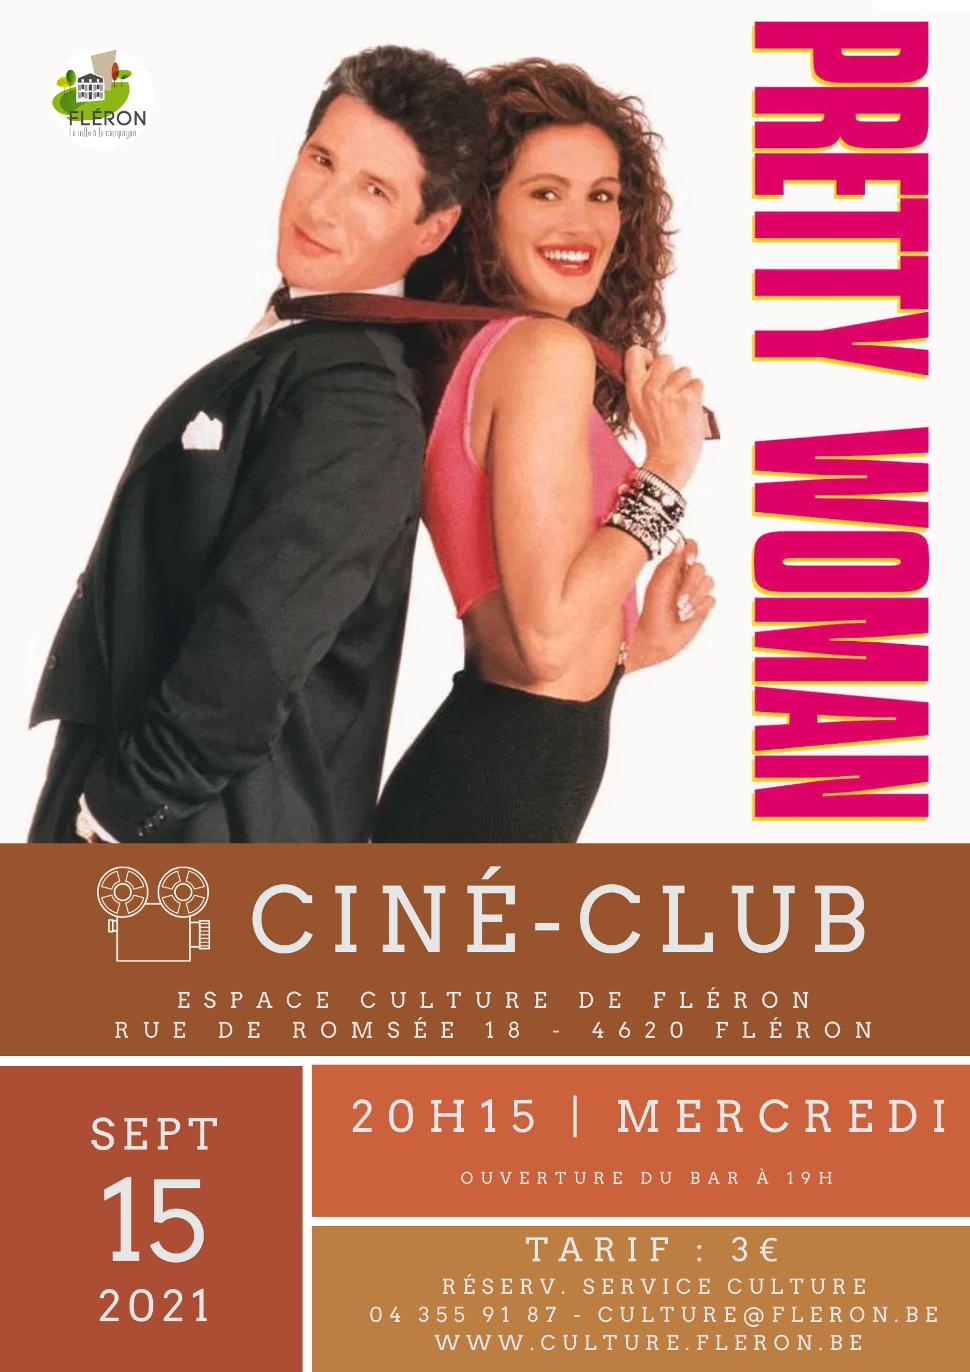 CINÉ-CLUB 210915 - Pretty Woman ©Service Culture de la Commune de Fléron 08-2021